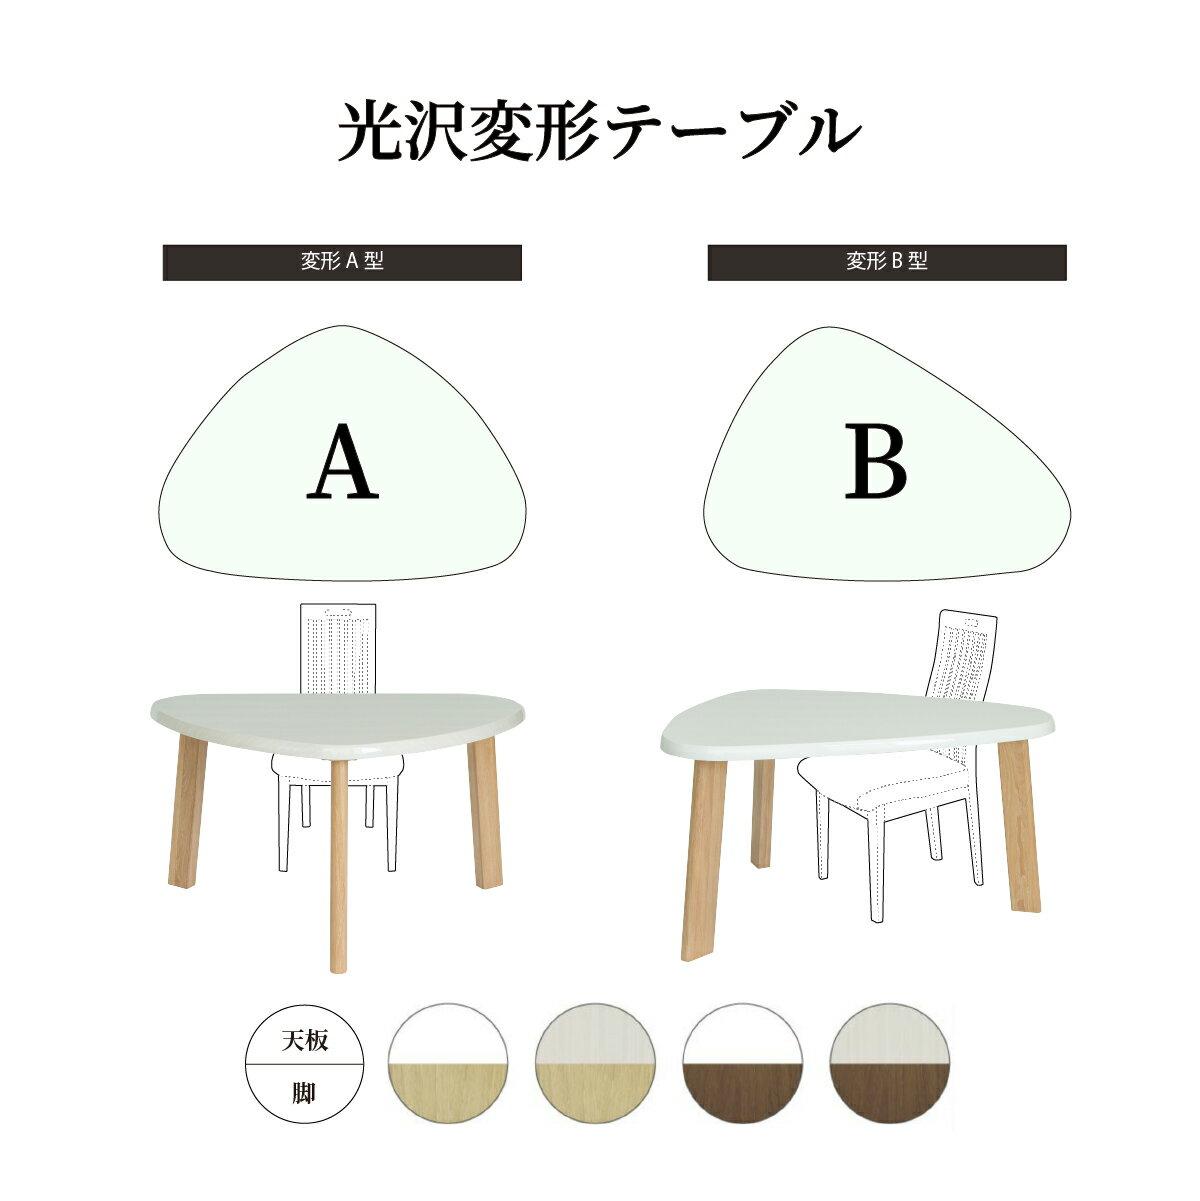 ダイニングテーブル 4人掛け テーブル 白 ホワイト 白 ダイニングテーブル 白 リビングテーブル 三角 角丸形 おしゃれ 白 ホワイト おしゃれ 光沢 幅 130 幅 高さ 70 高さ cm 北欧風 光沢 光沢仕上げ UV塗装 ツヤ